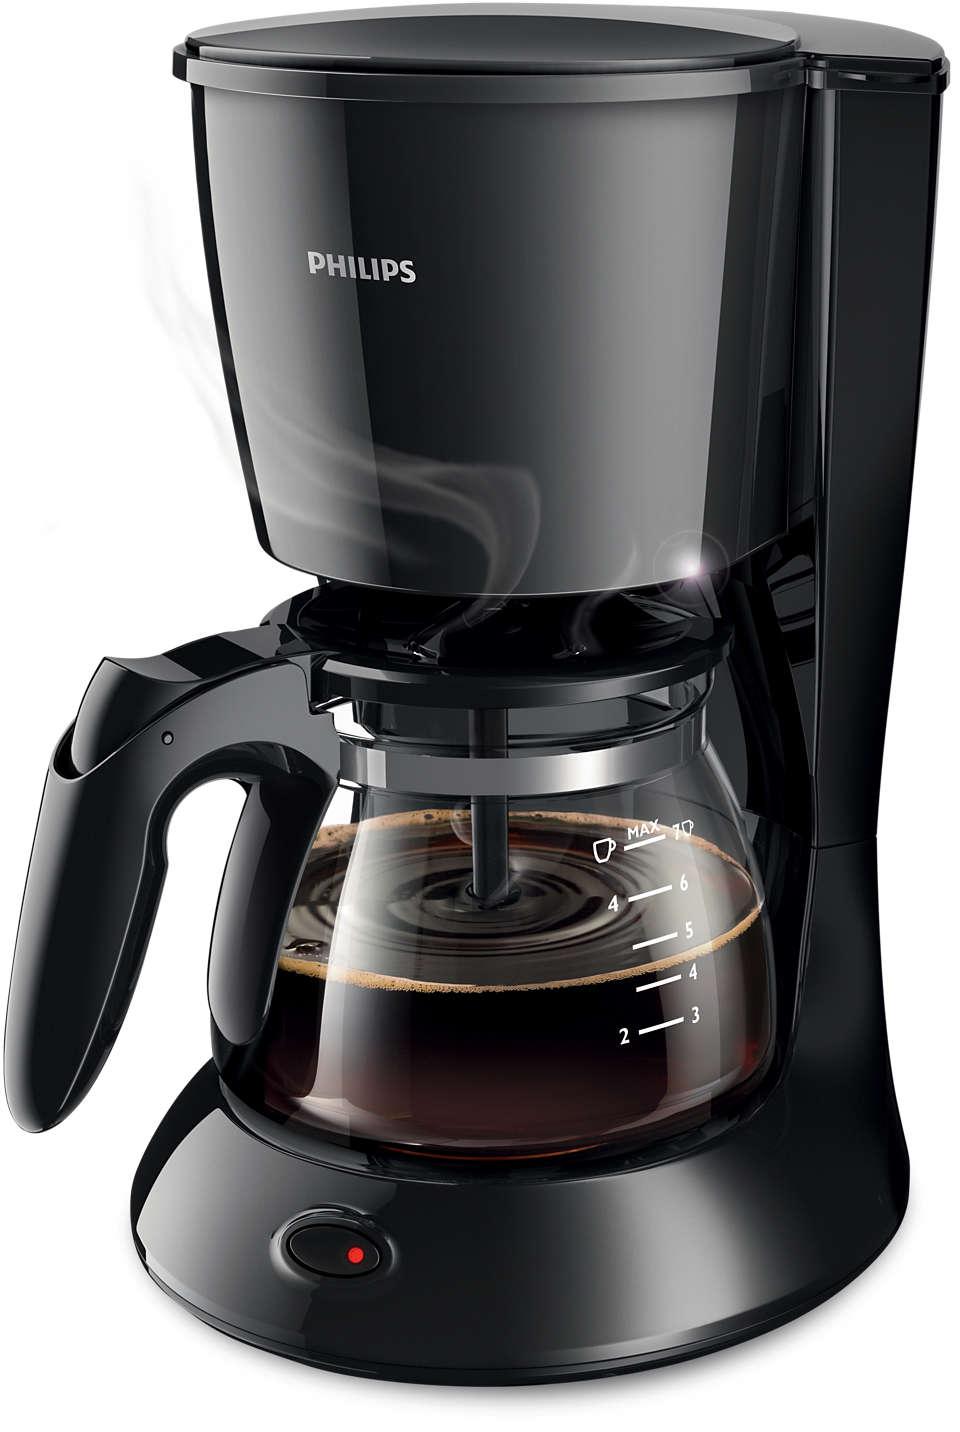 قهوة لذيذة بكل بساطة